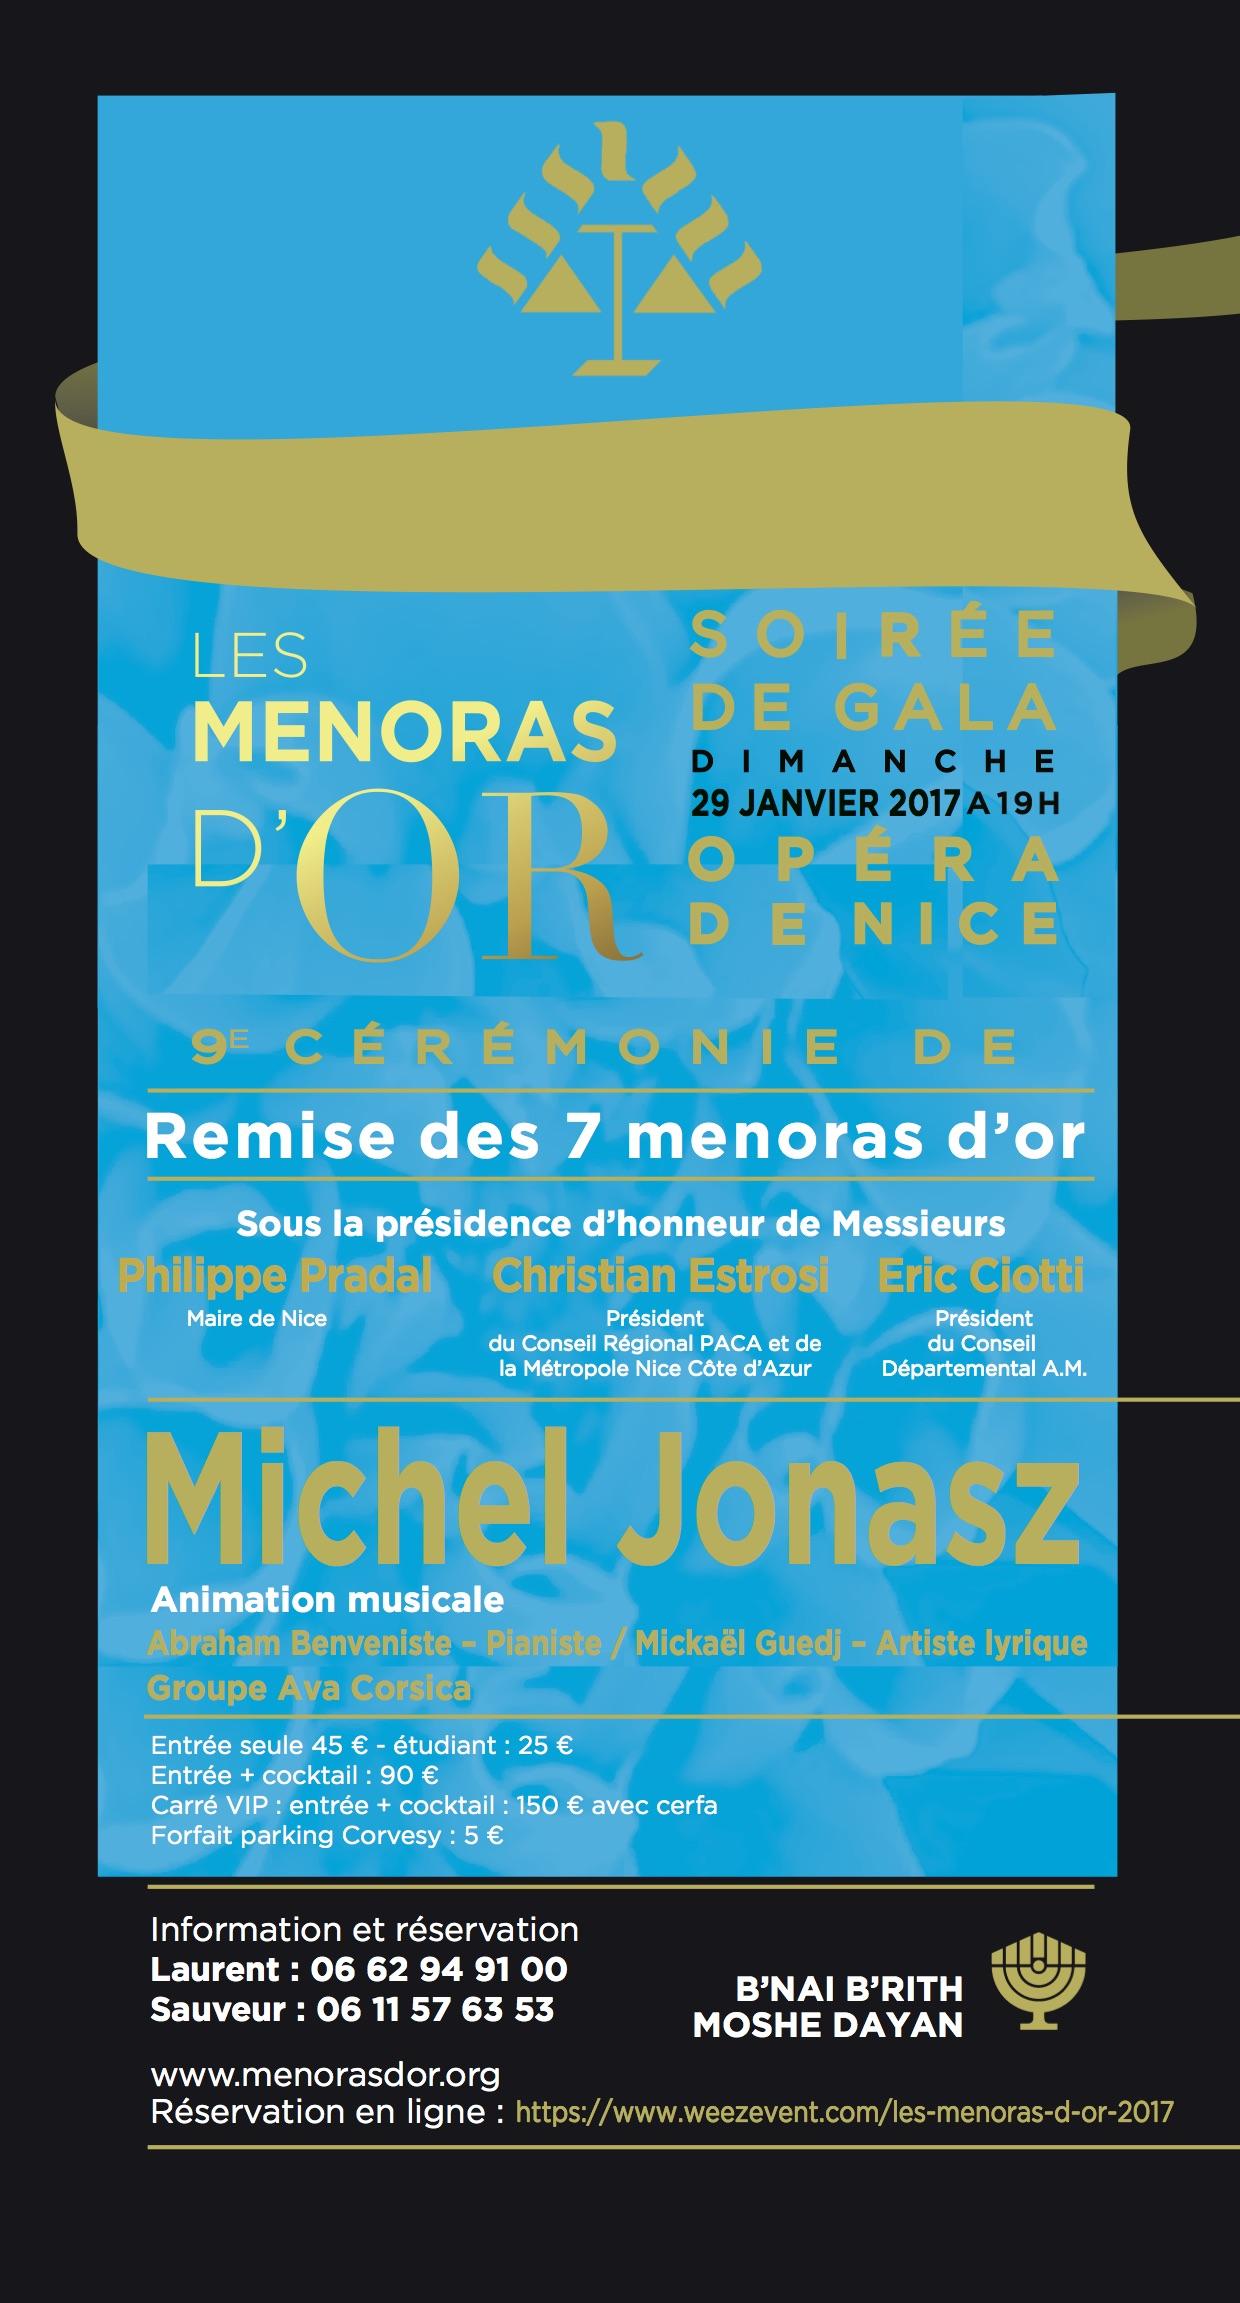 Nice : Les Menoras d'or rendront hommage à la Corse